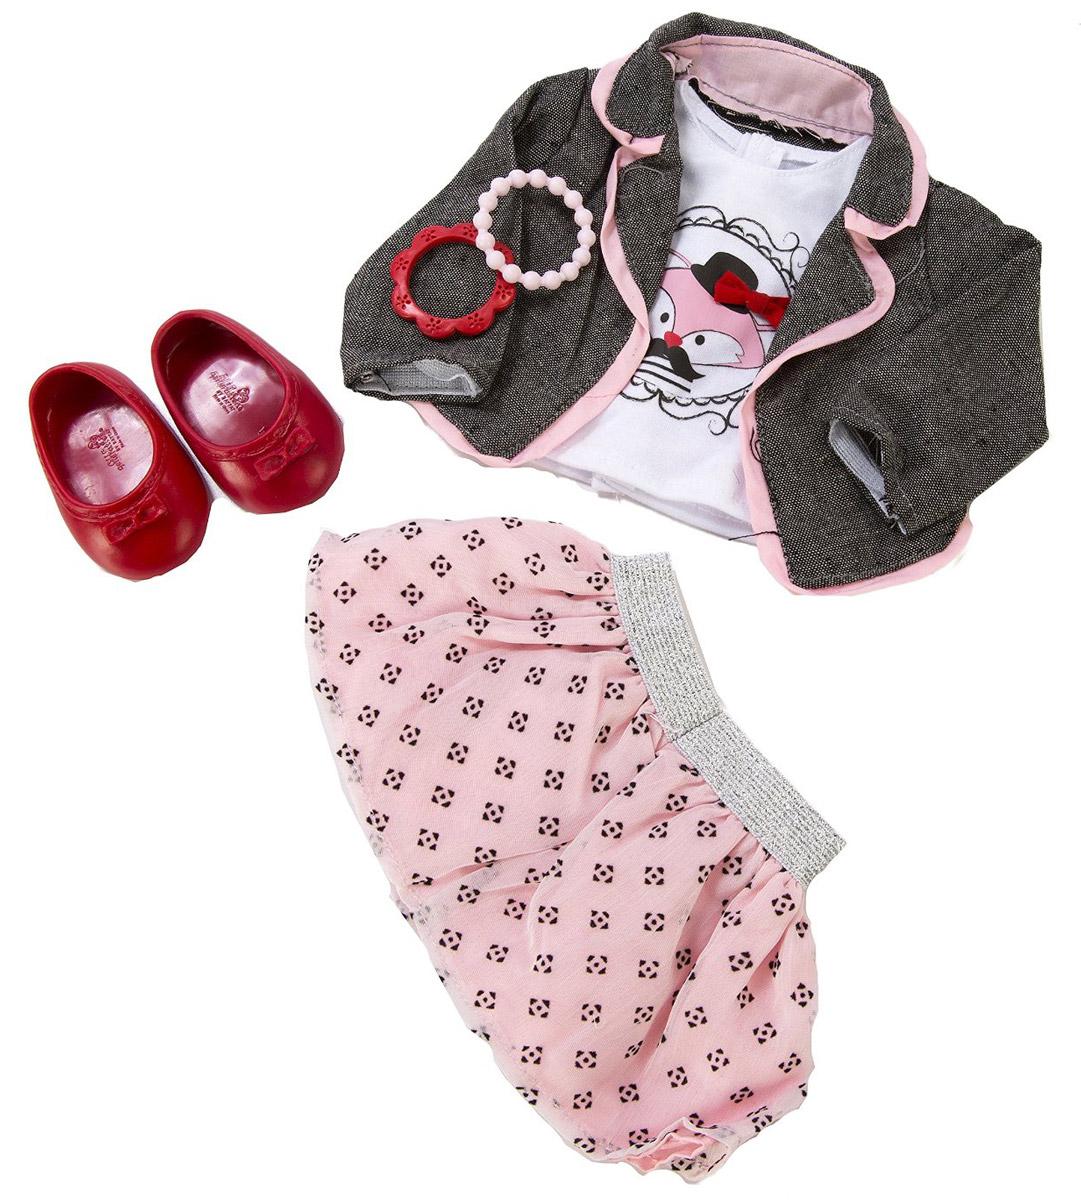 Our Generation Одежда для кукол Жакет майка с рисунком юбка балетки11576Куклы тоже любят менять наряды! В набор входит белая майка с оригинальным принтом и розовая юбочка с блестящей резинкой-поясом. Если вашей куколке станет прохладно, то сверху можно накинуть стильный серый жакет. На ножки куколки можно надеть красные балетки. А неотразимым этот набор станет благодаря аксессуарам - двум ярким пластиковым браслетикам. Все девочки очень любят переодевать своих кукол, создавая новые образы, а с таким набором одежды образы можно менять хоть каждый день. Набор одежды станет прекрасным подарком, который обрадует любую девочку и сделает ее куклу самой красивой! Одежда подходит для кукол высотой 46 см.